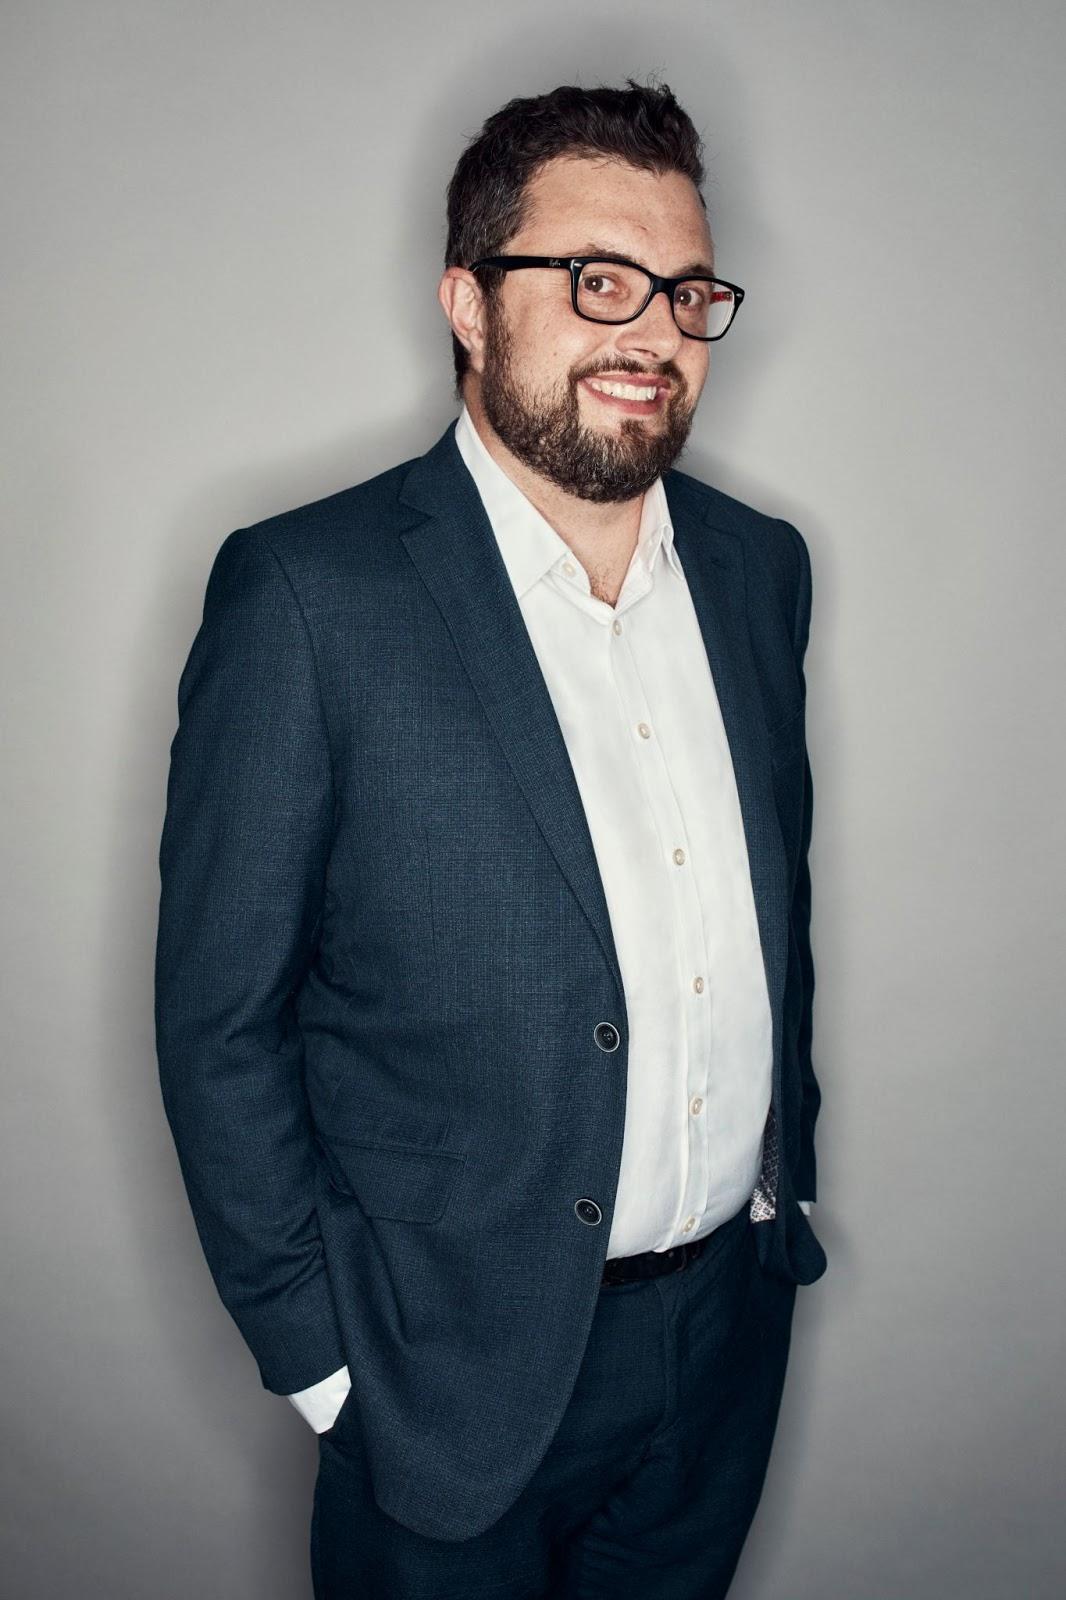 Ben Richards, Interactive